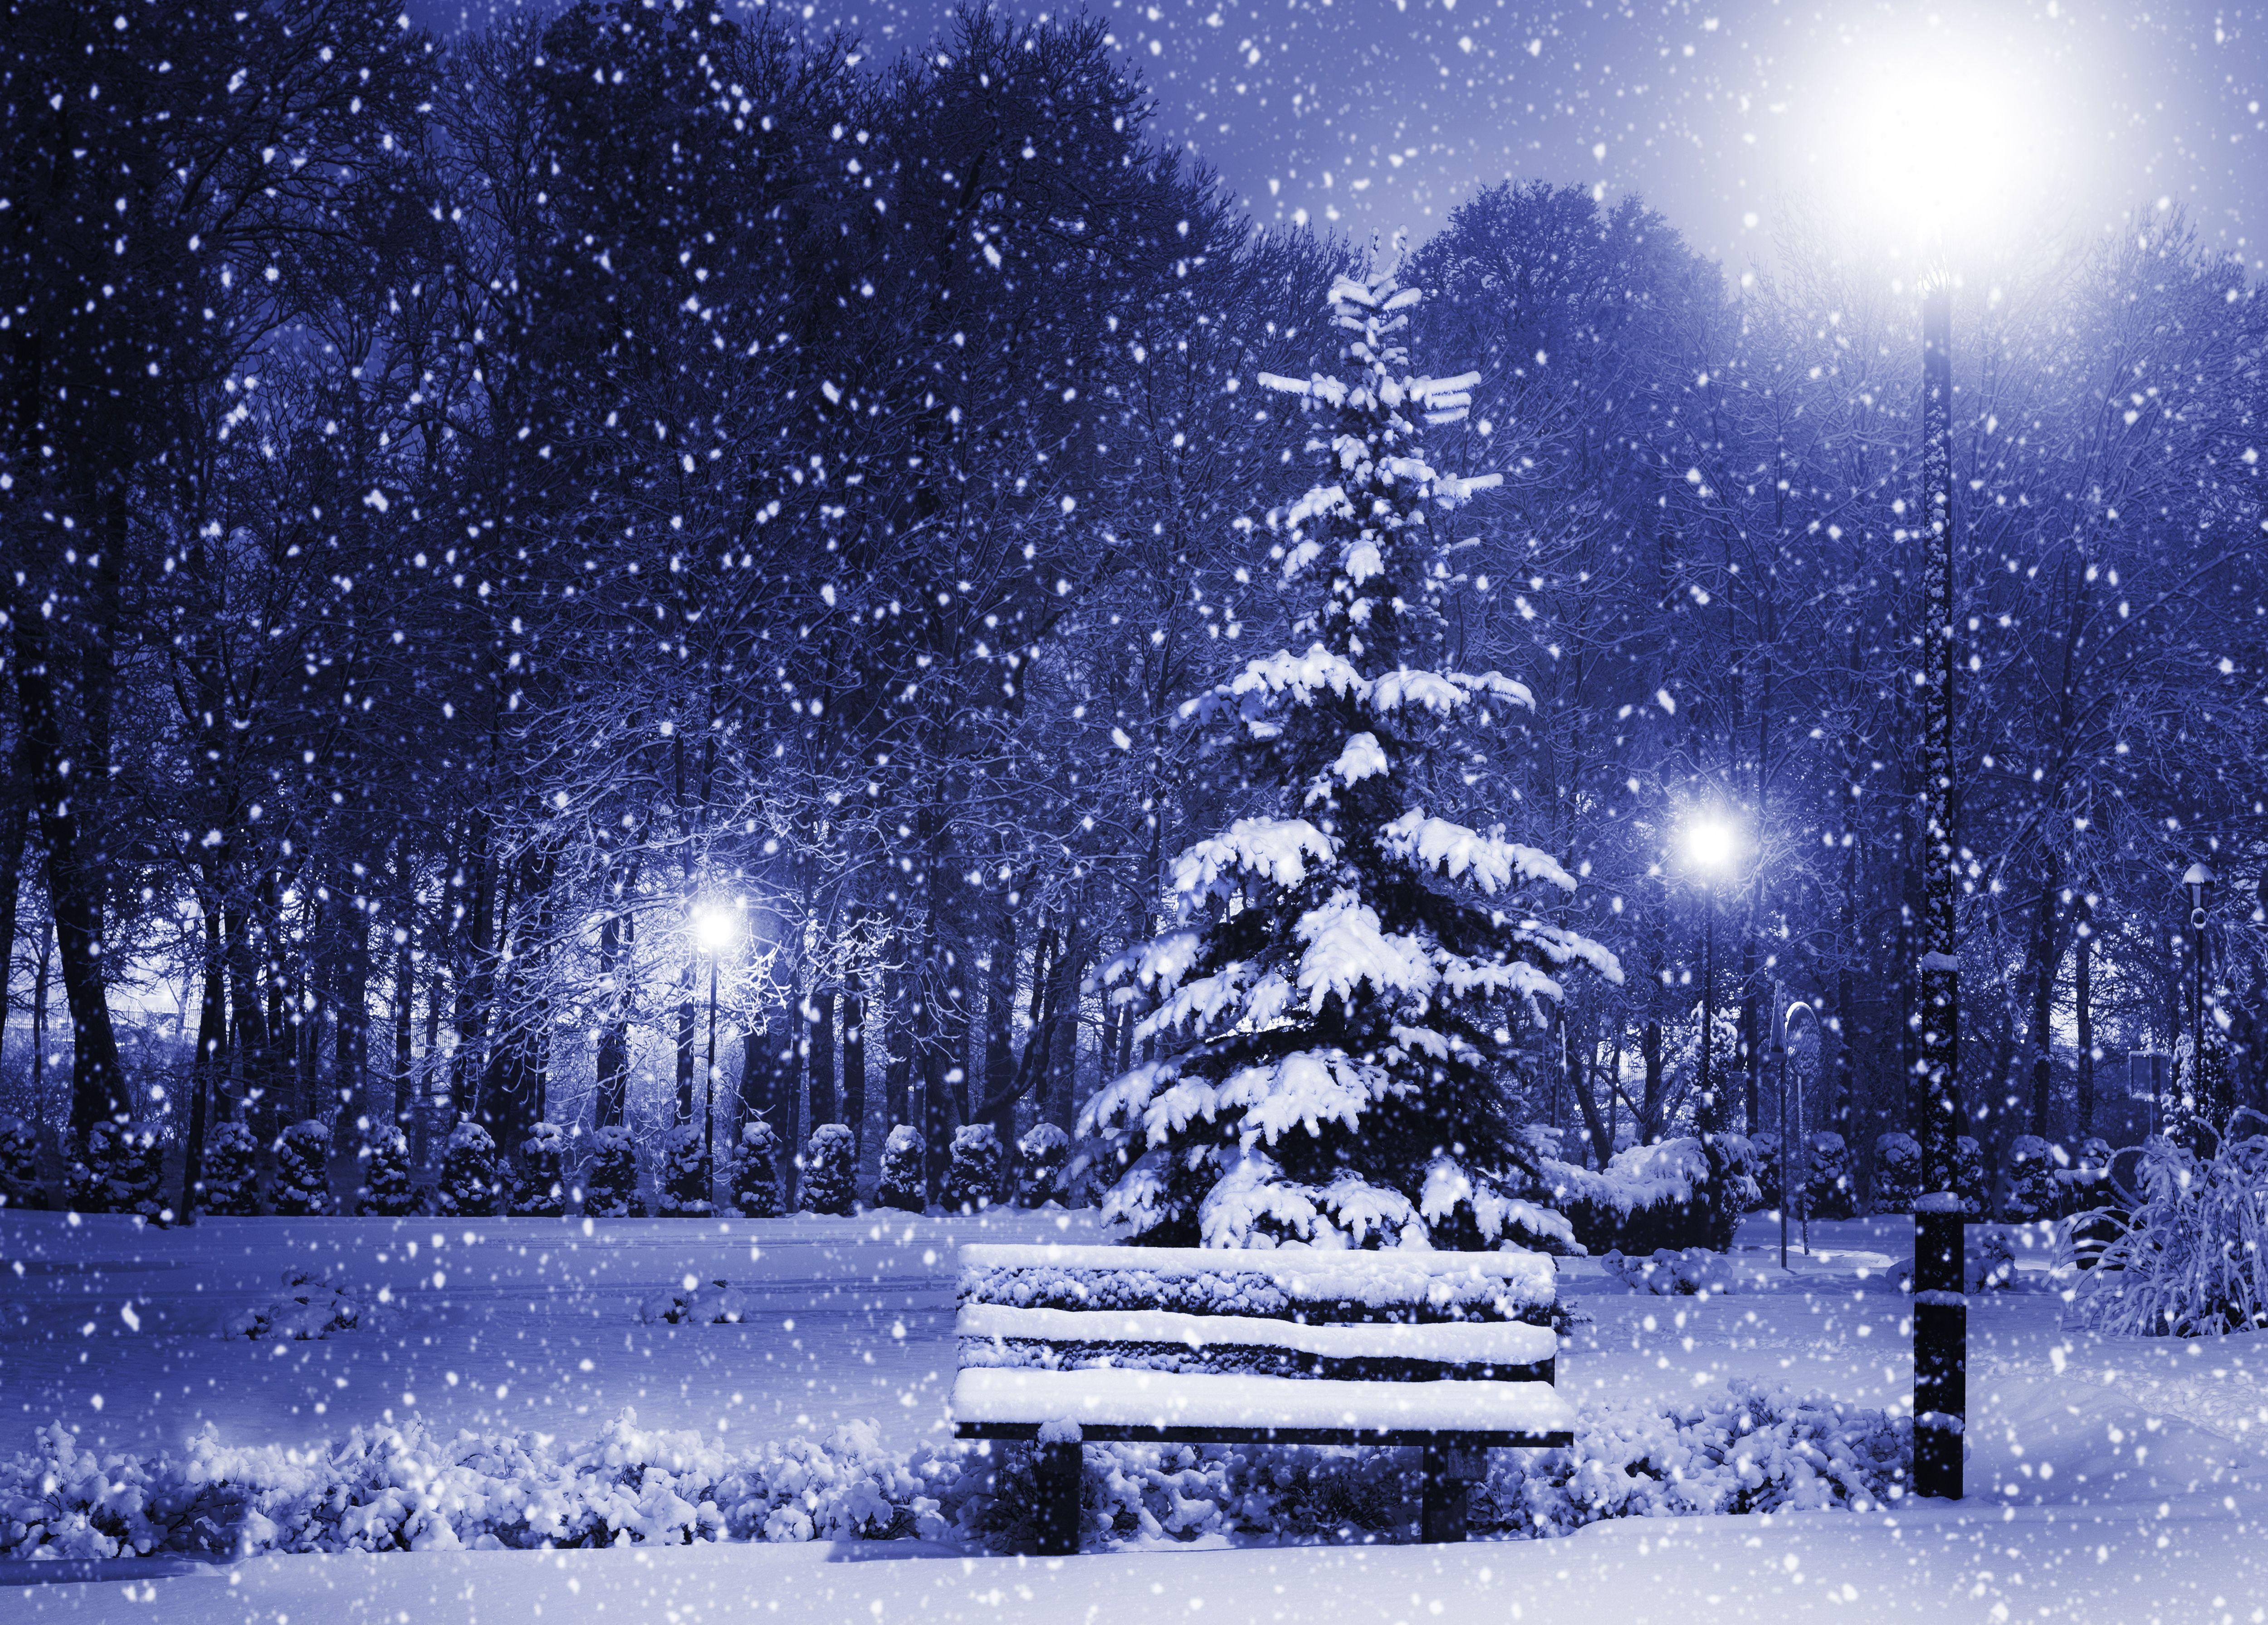 Картинки новый год снег анимация, для открытки